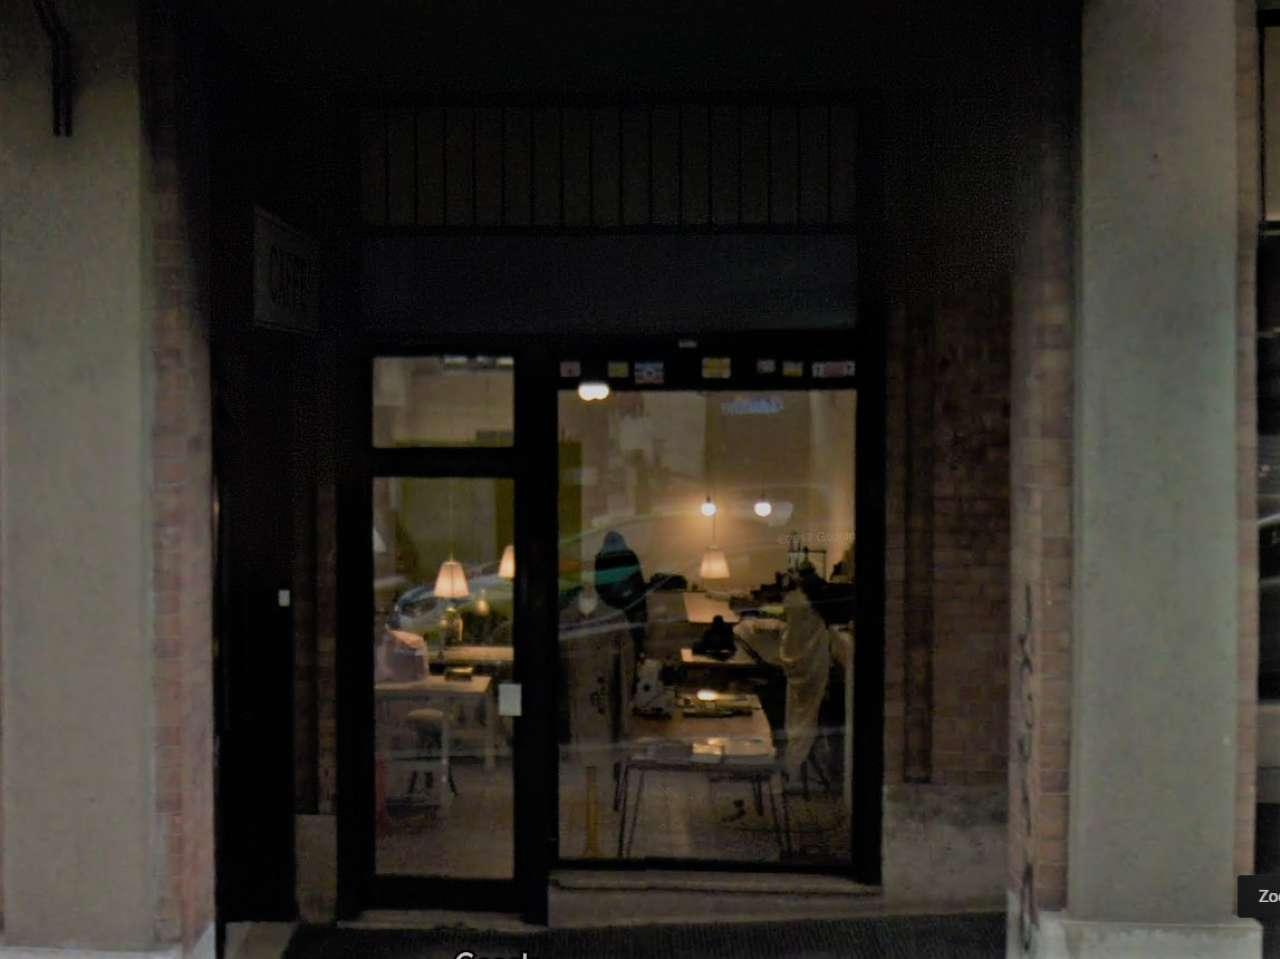 Negozio in affitto Zona Cit Turin, San Donato, Campidoglio - via Vagnone 20 Torino